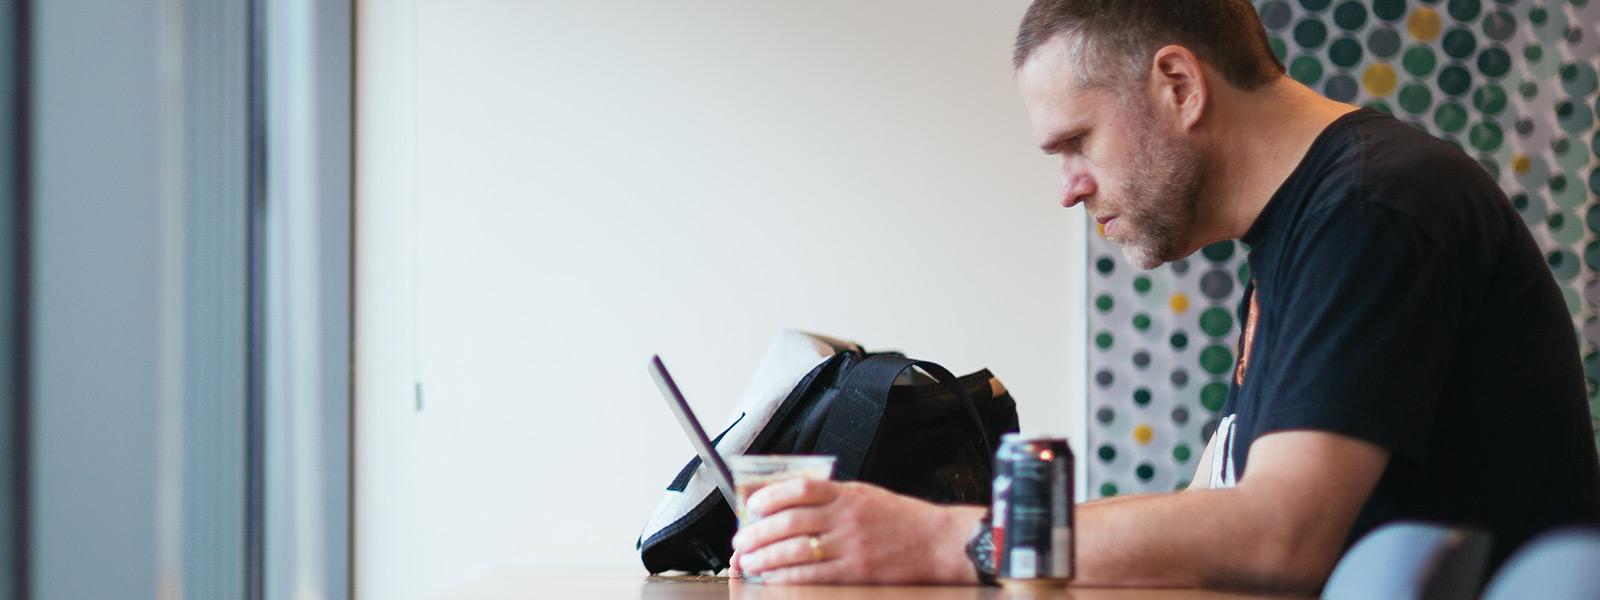 책상에서 Windows 10 컴퓨터로 작업 중인 남성